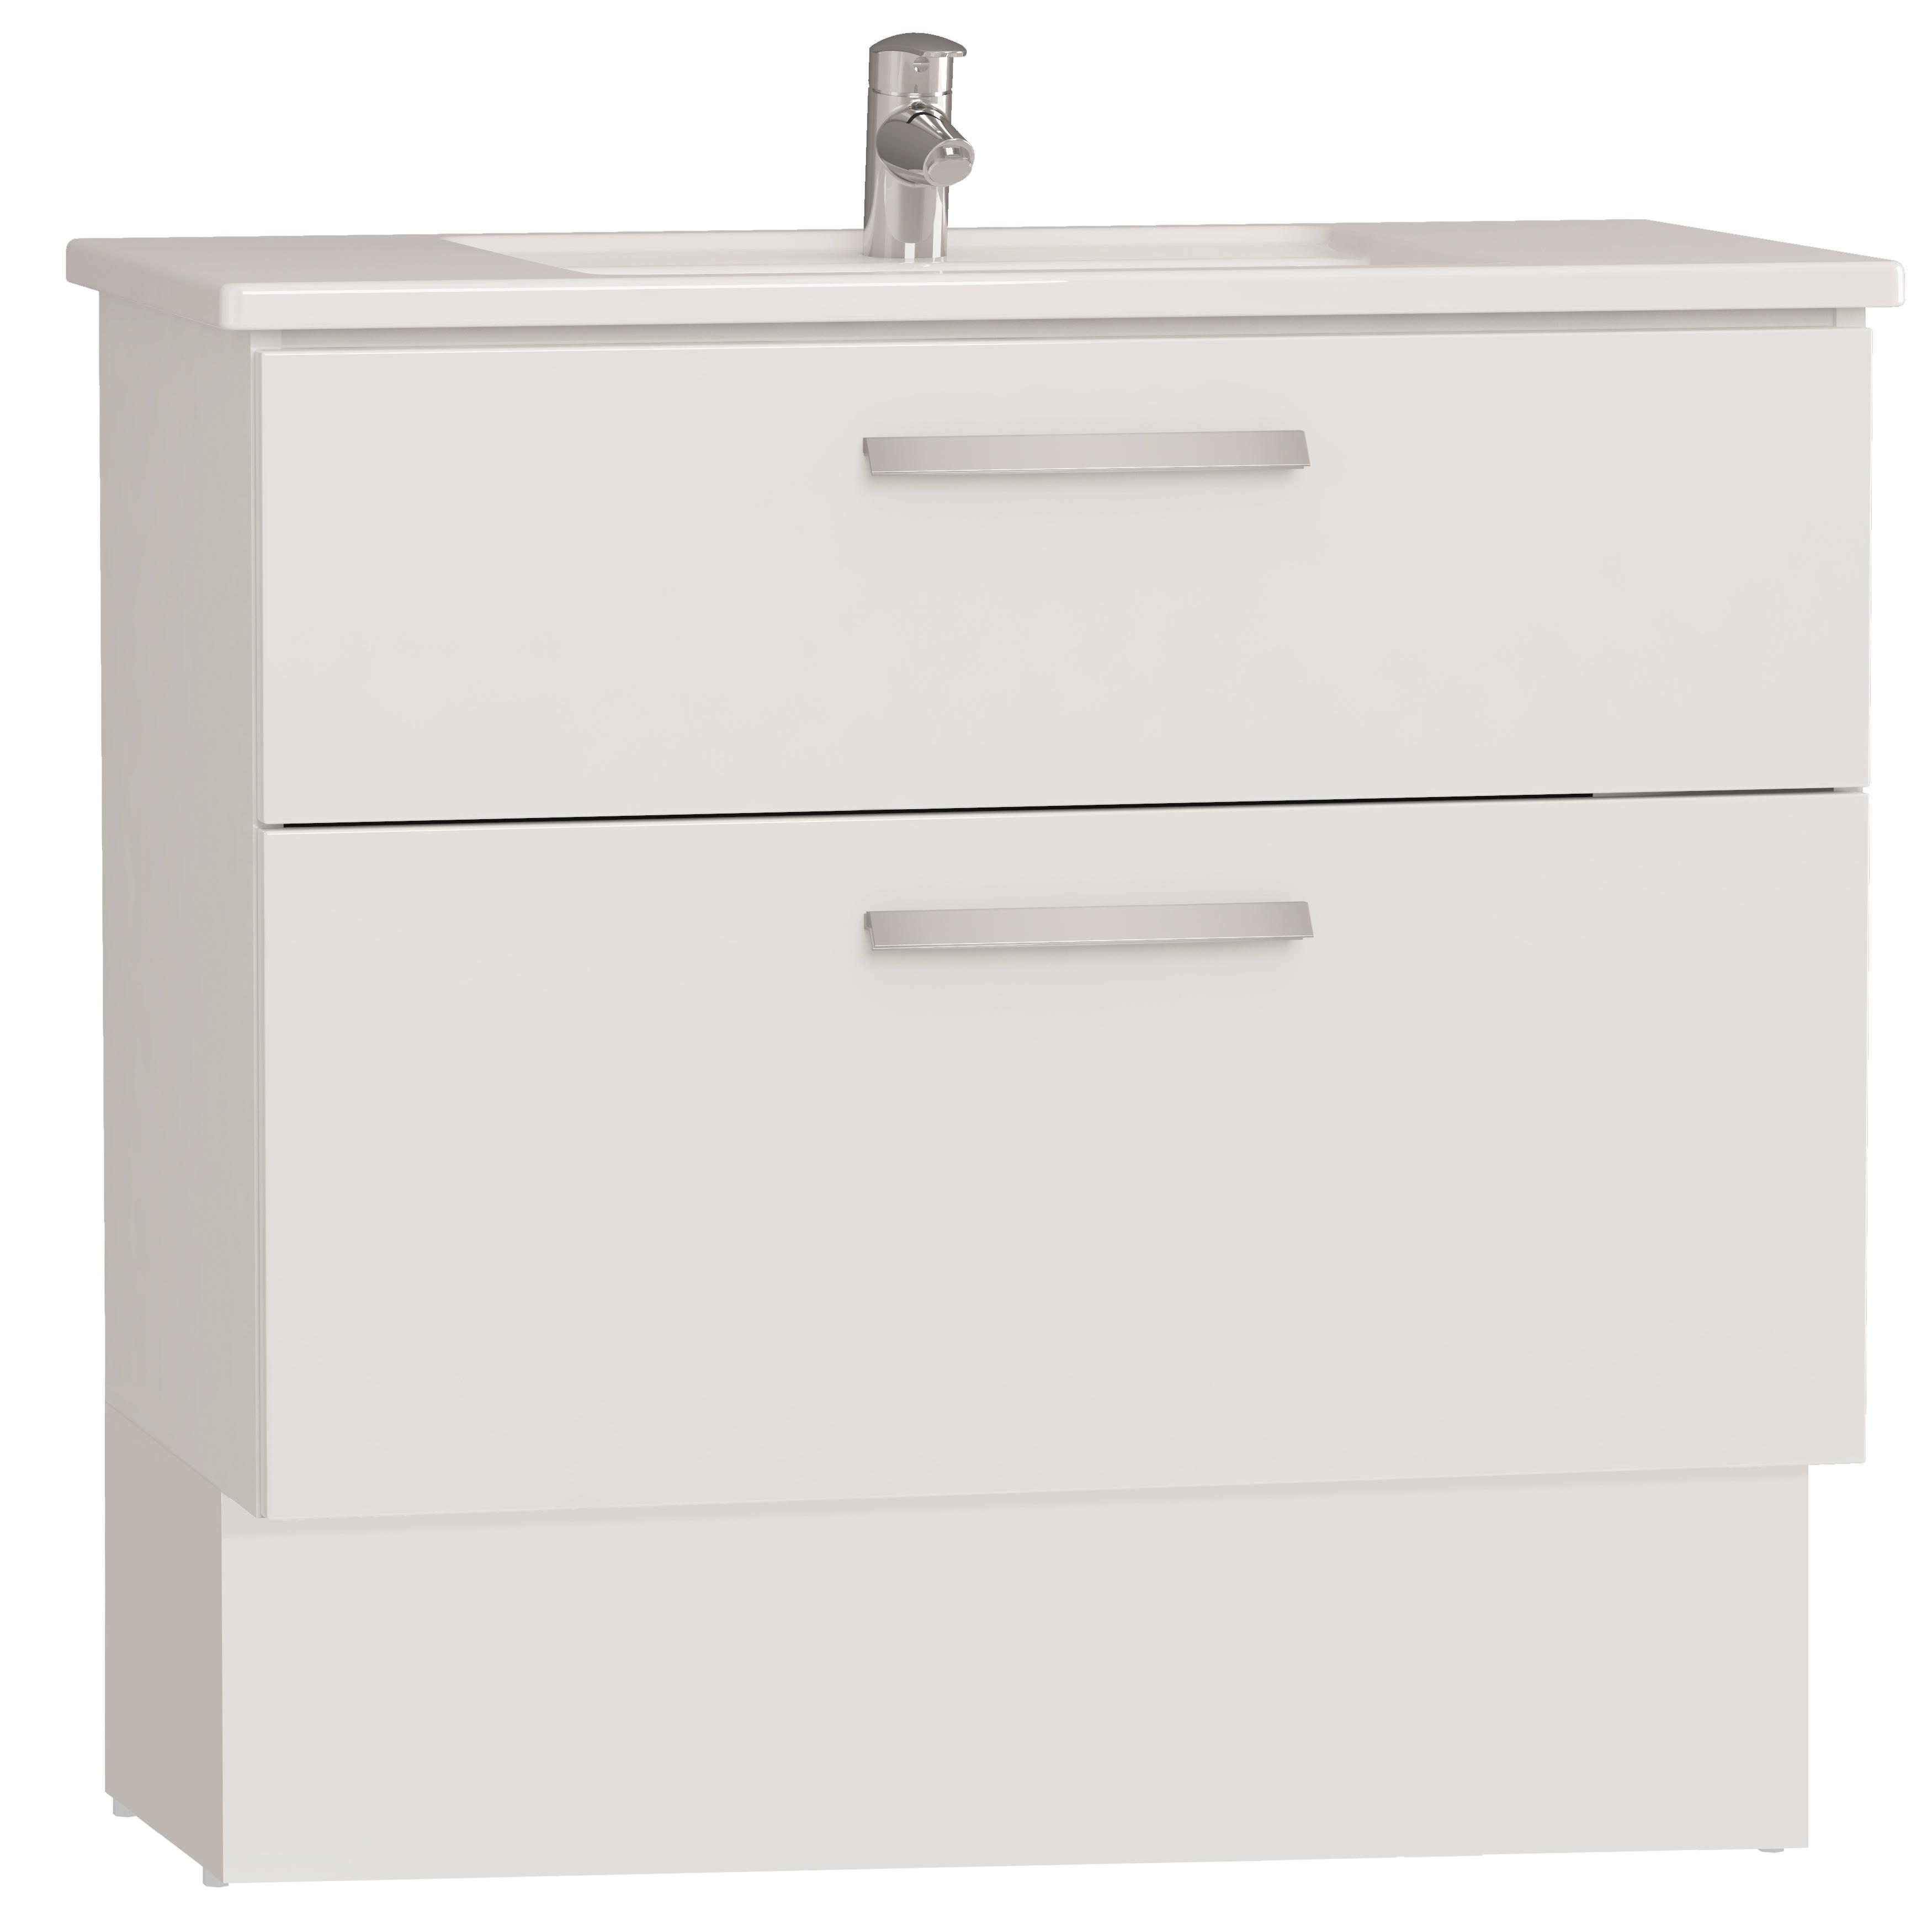 Integra socle pour meuble avec plan céramique avec deux tiroirs, 90 cm, blanc haute brillance